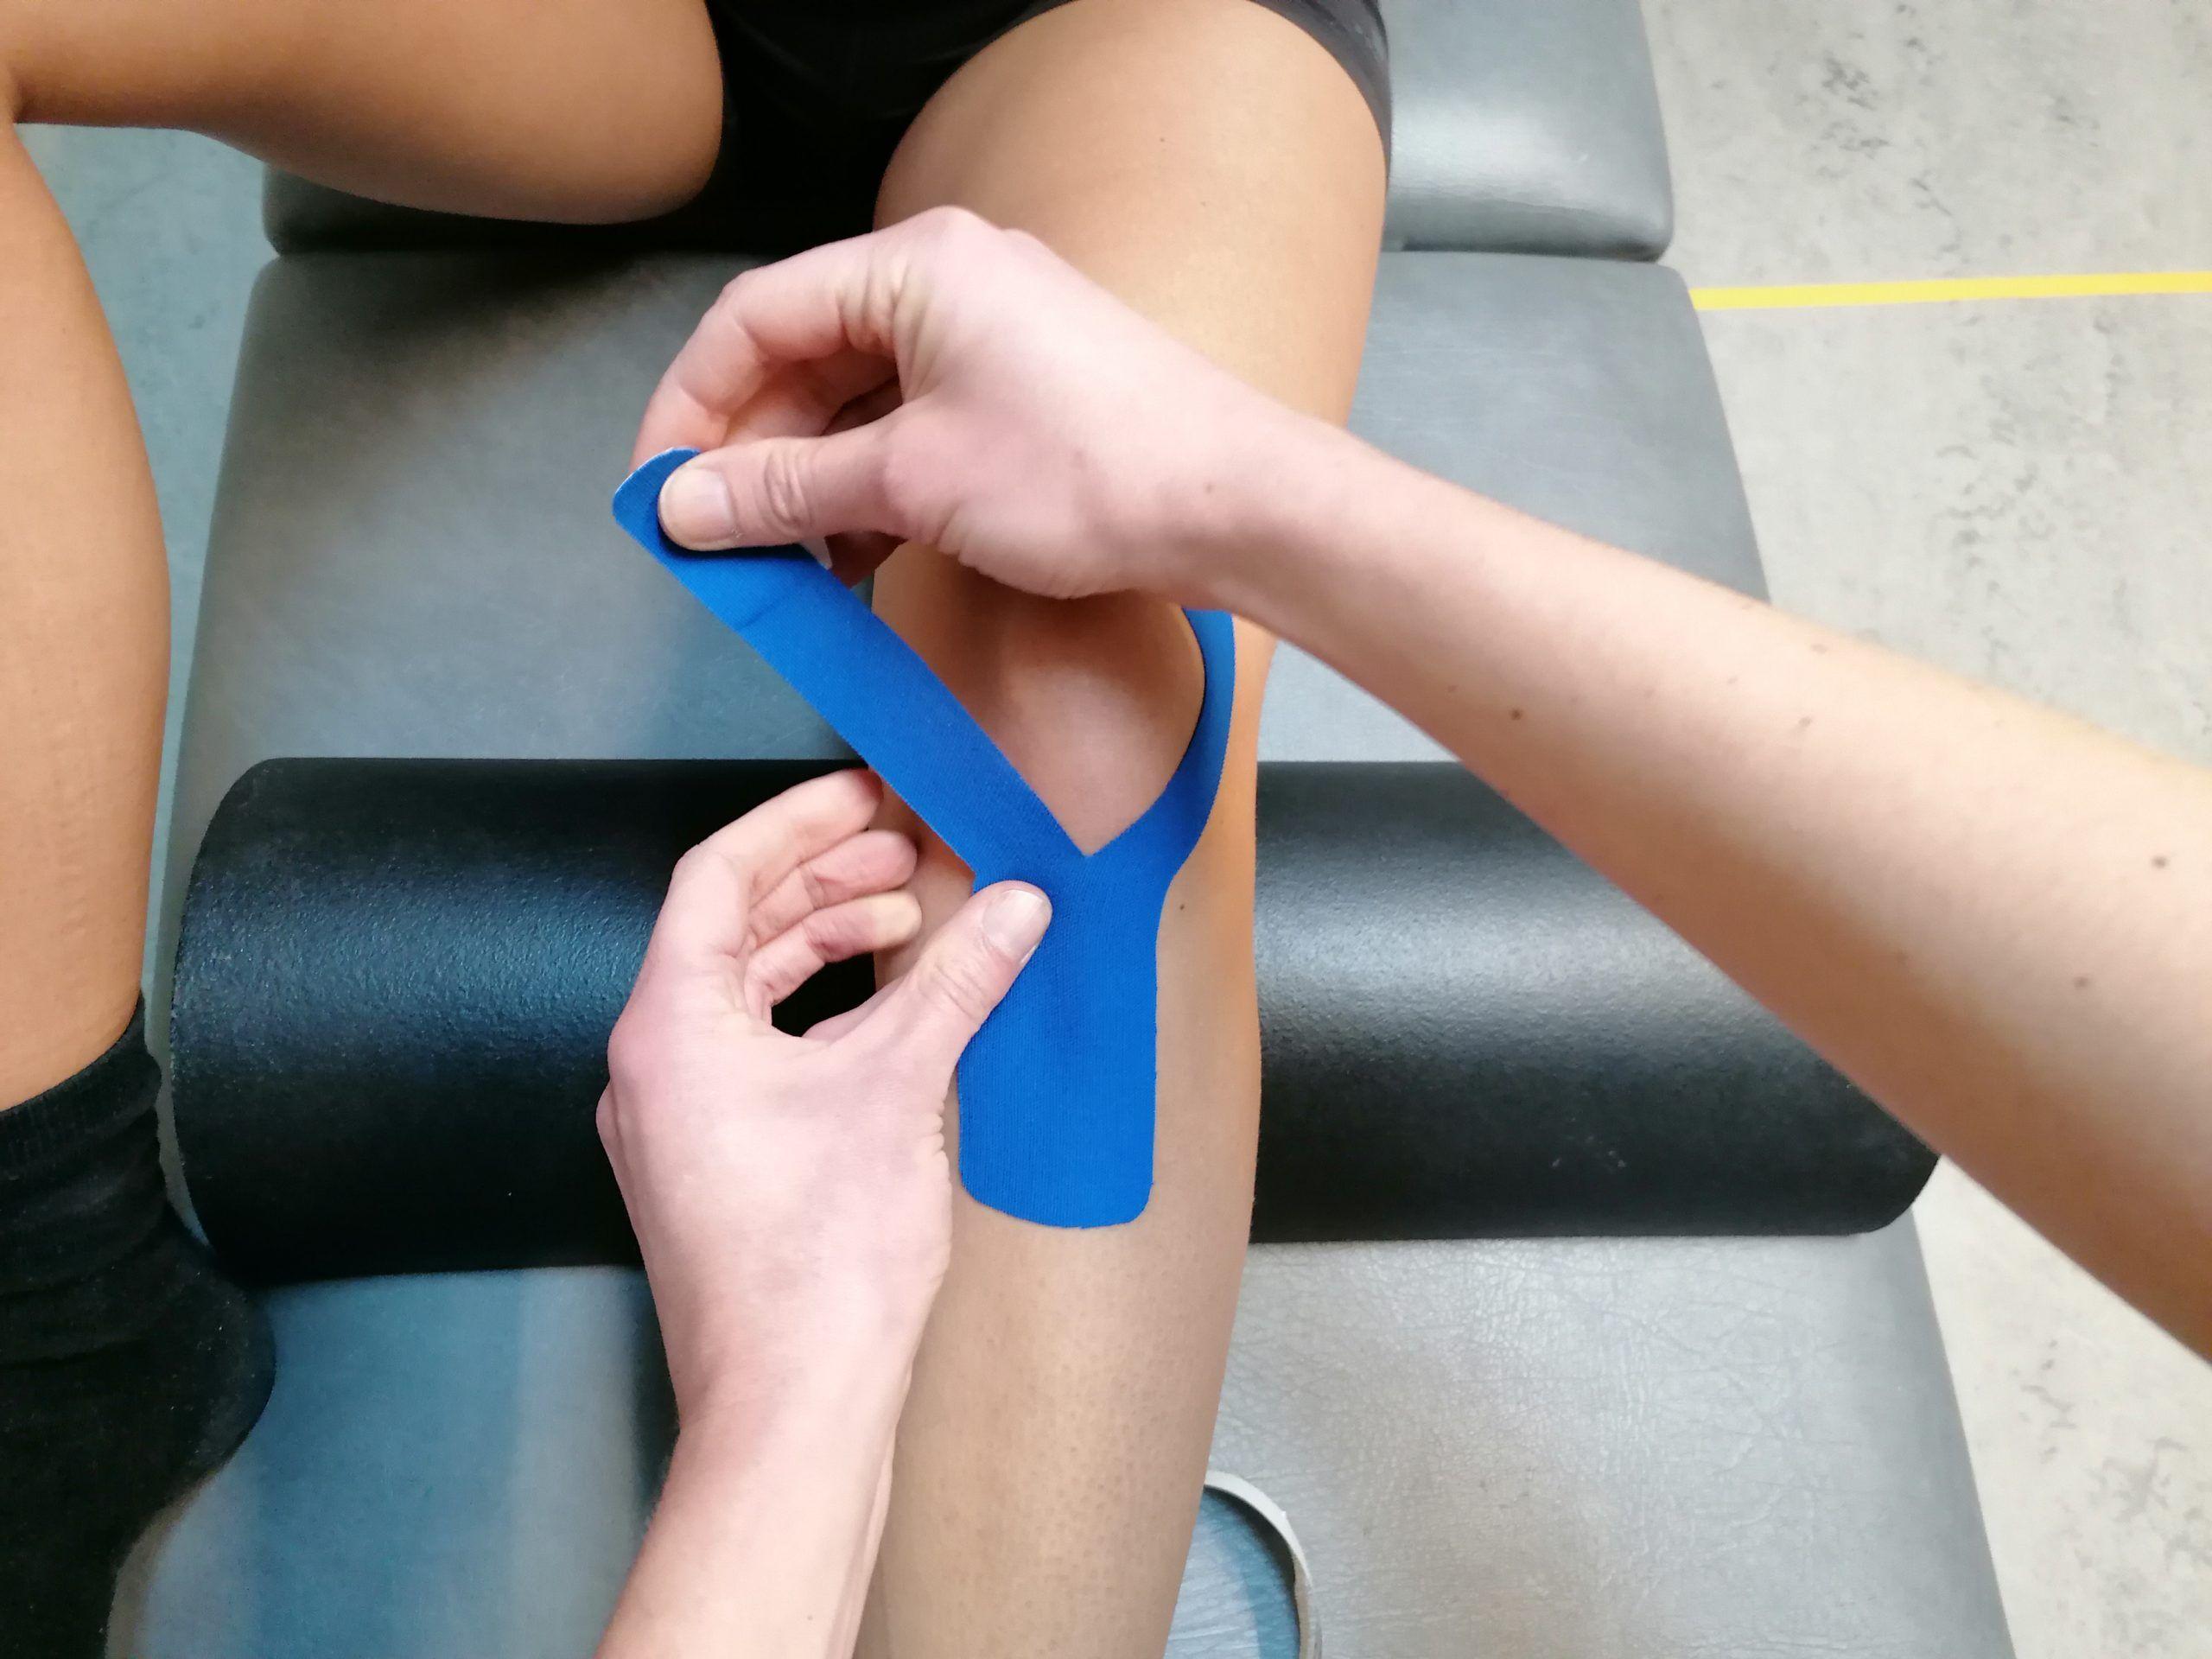 Fysiotherapie Weesp - Medical taping